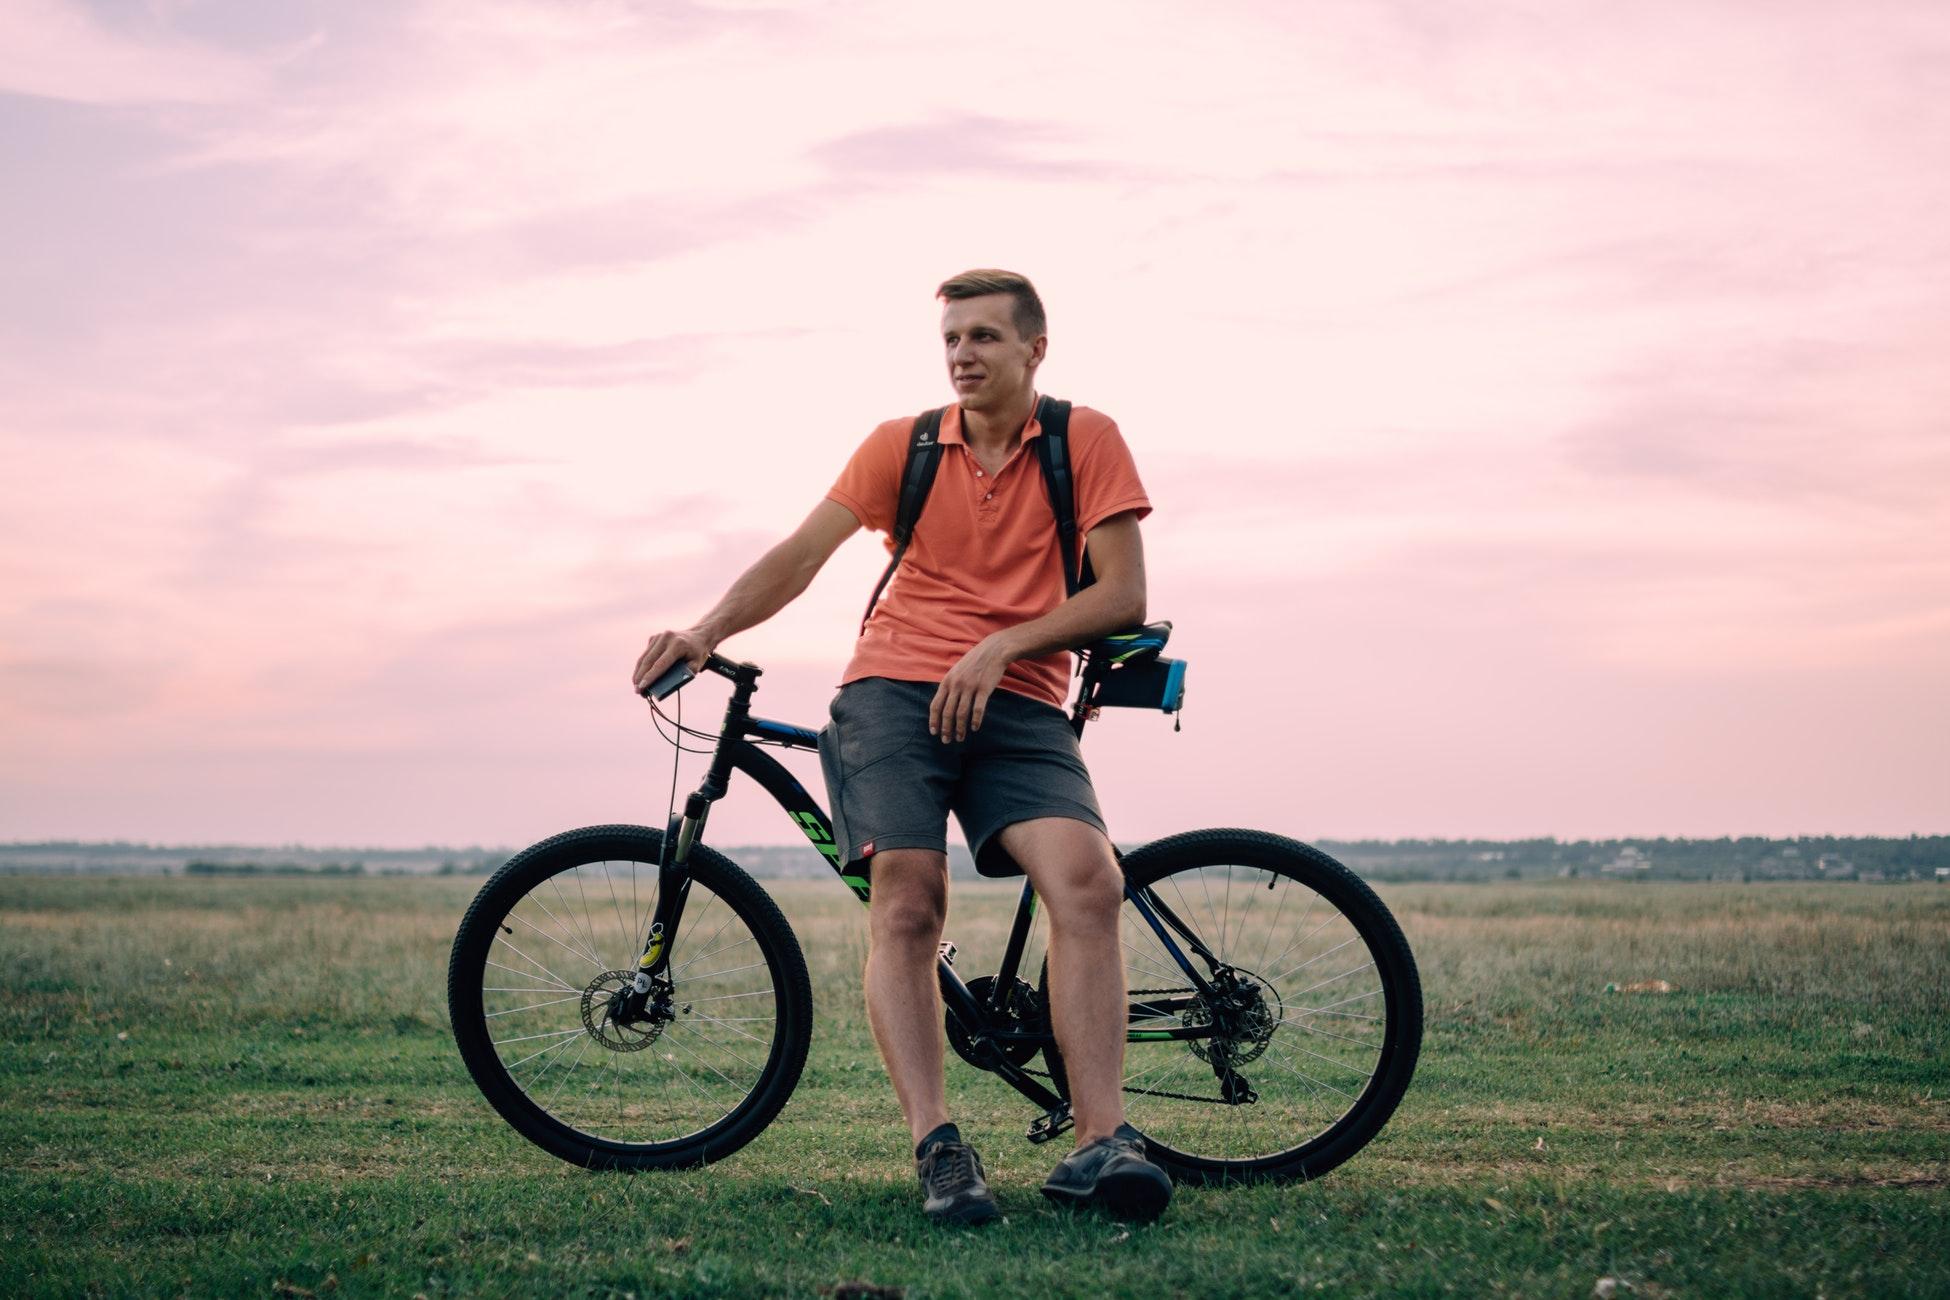 Un problème sur le chemin du travail ? L'assurance vélo vous couvre.